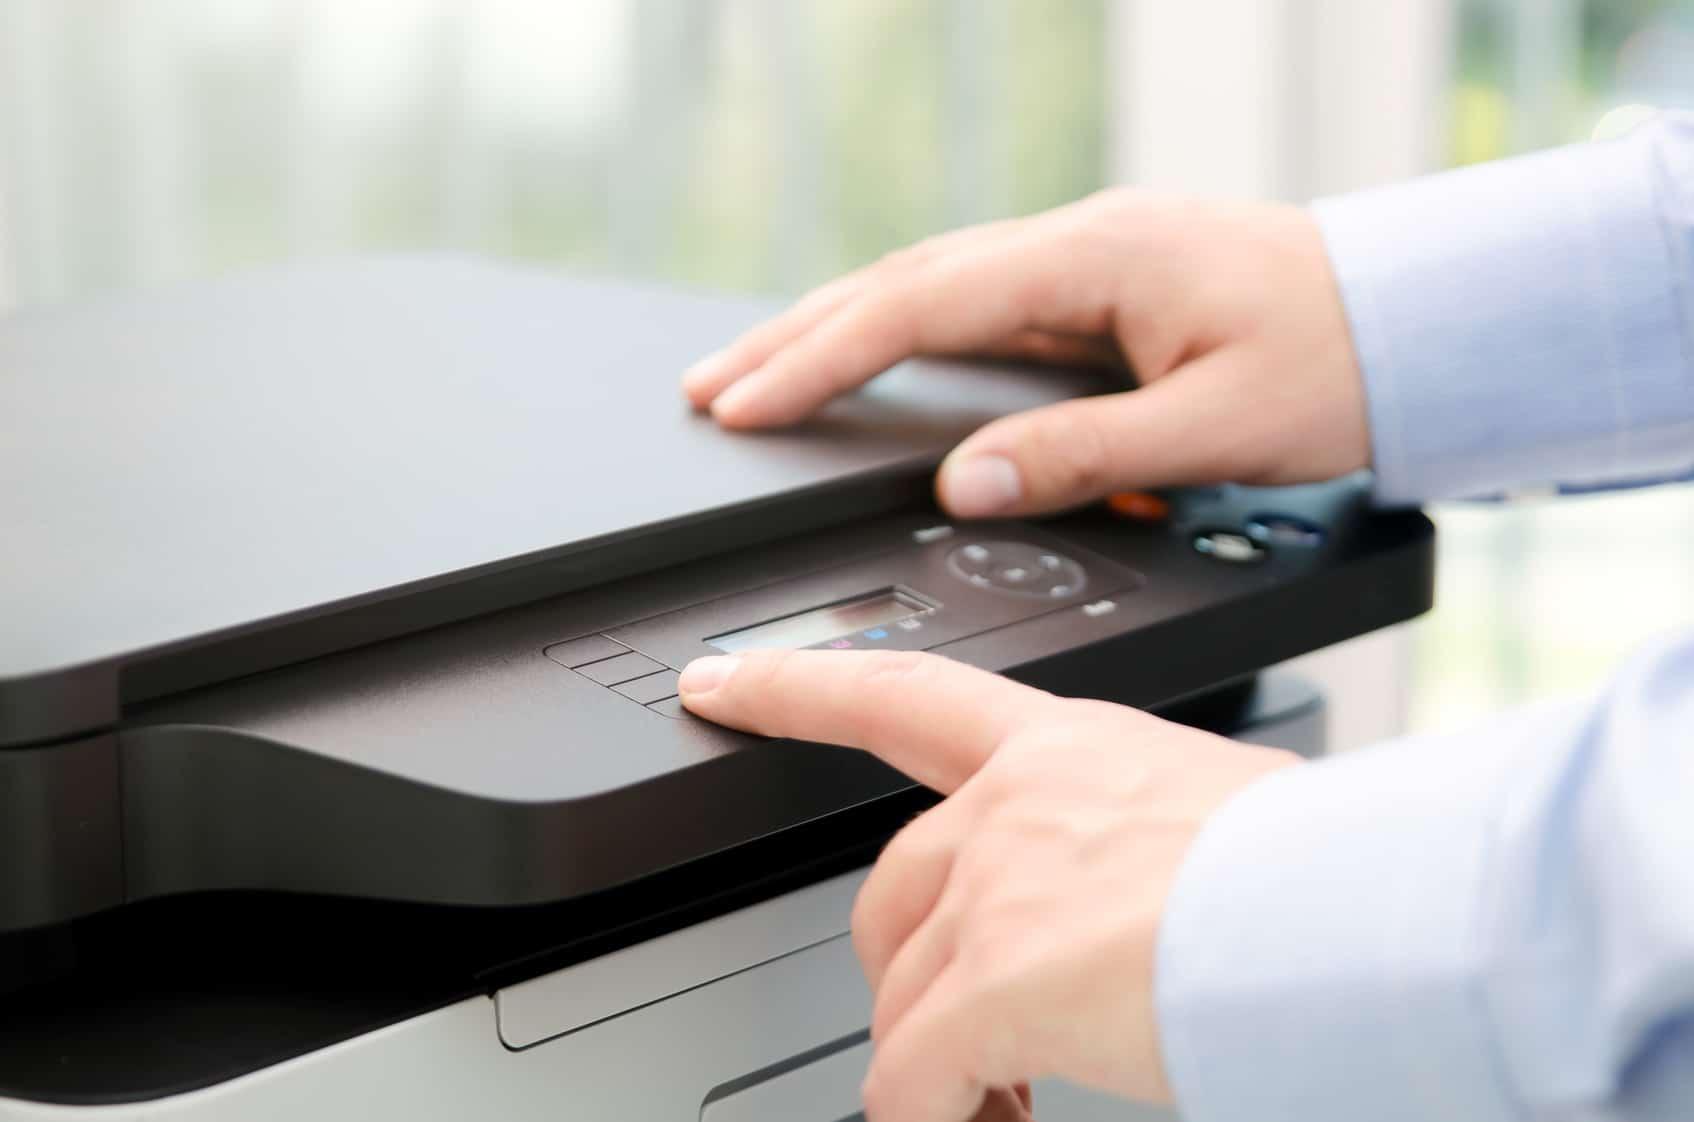 Comment fonctionne le copieur numérique?